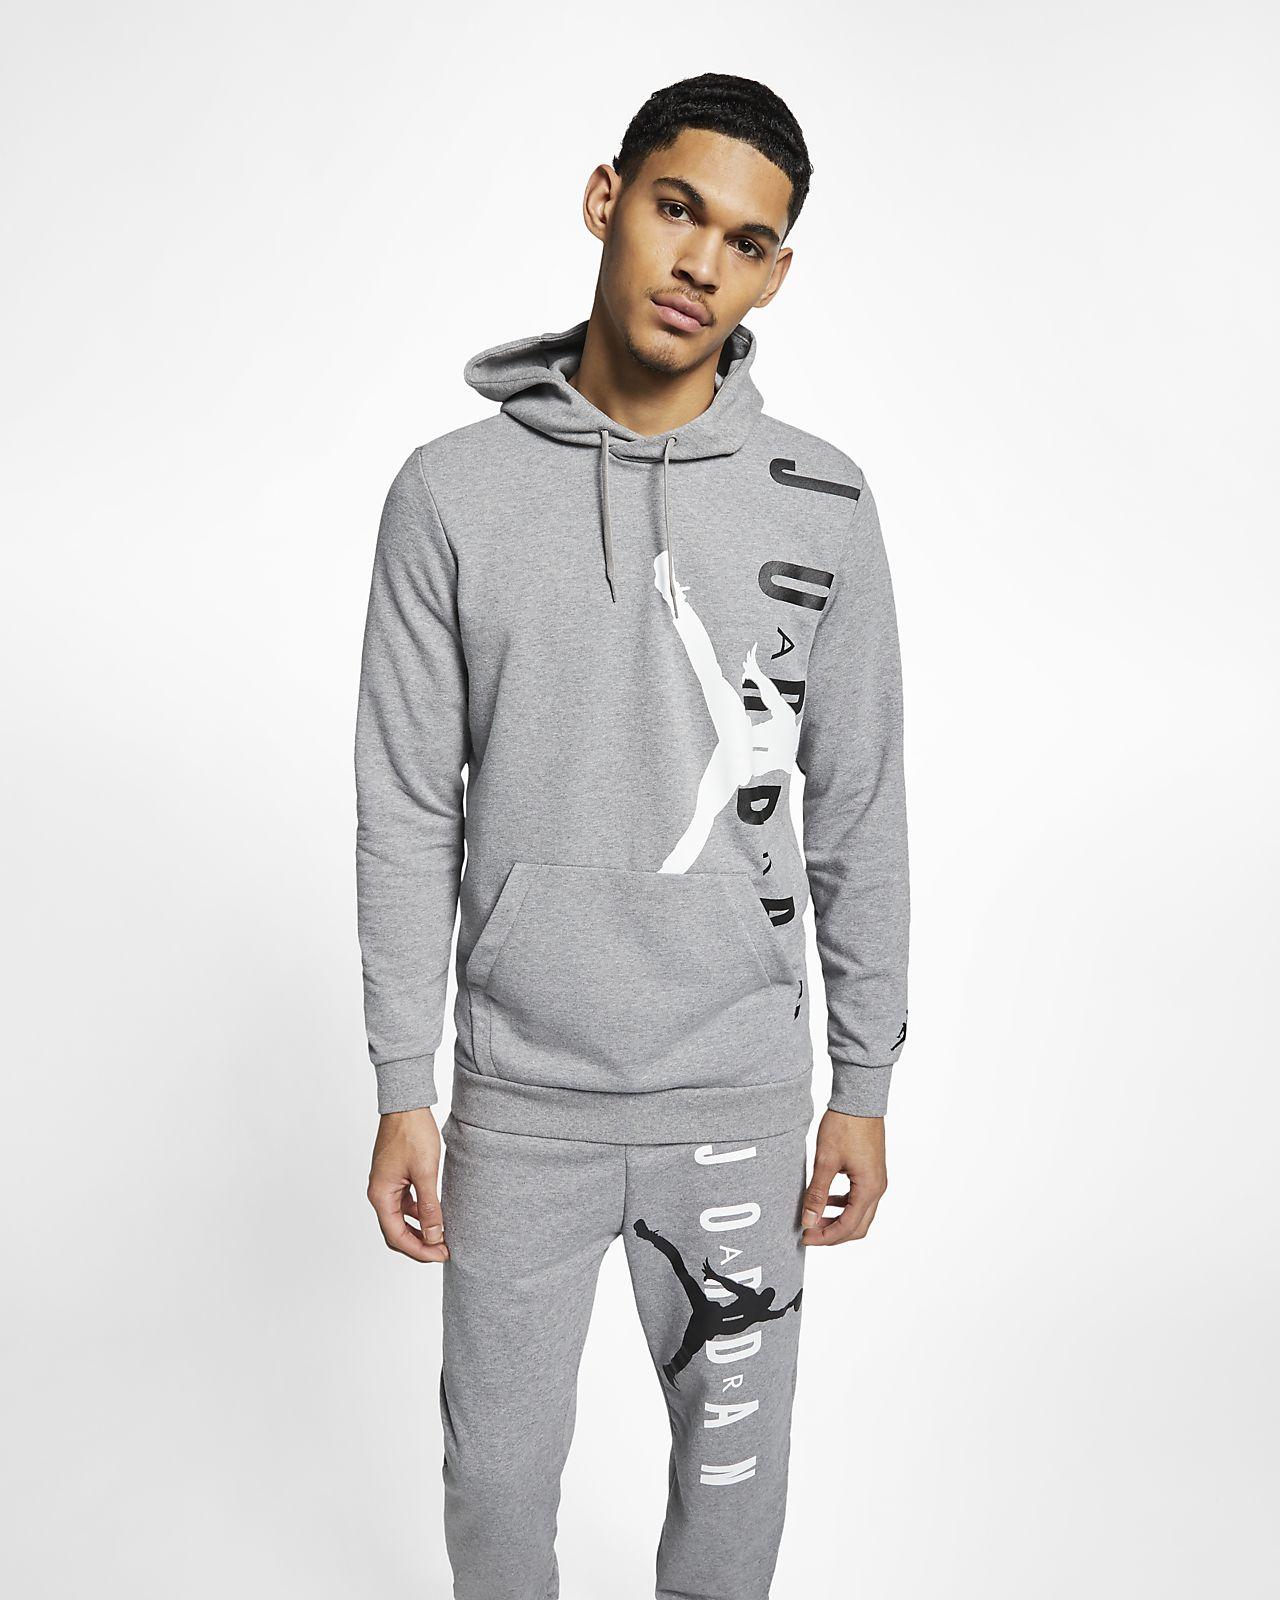 52300d4f5d66 Jordan Jumpman Air Lightweight Men s Fleece Sweatshirt. Nike.com HU